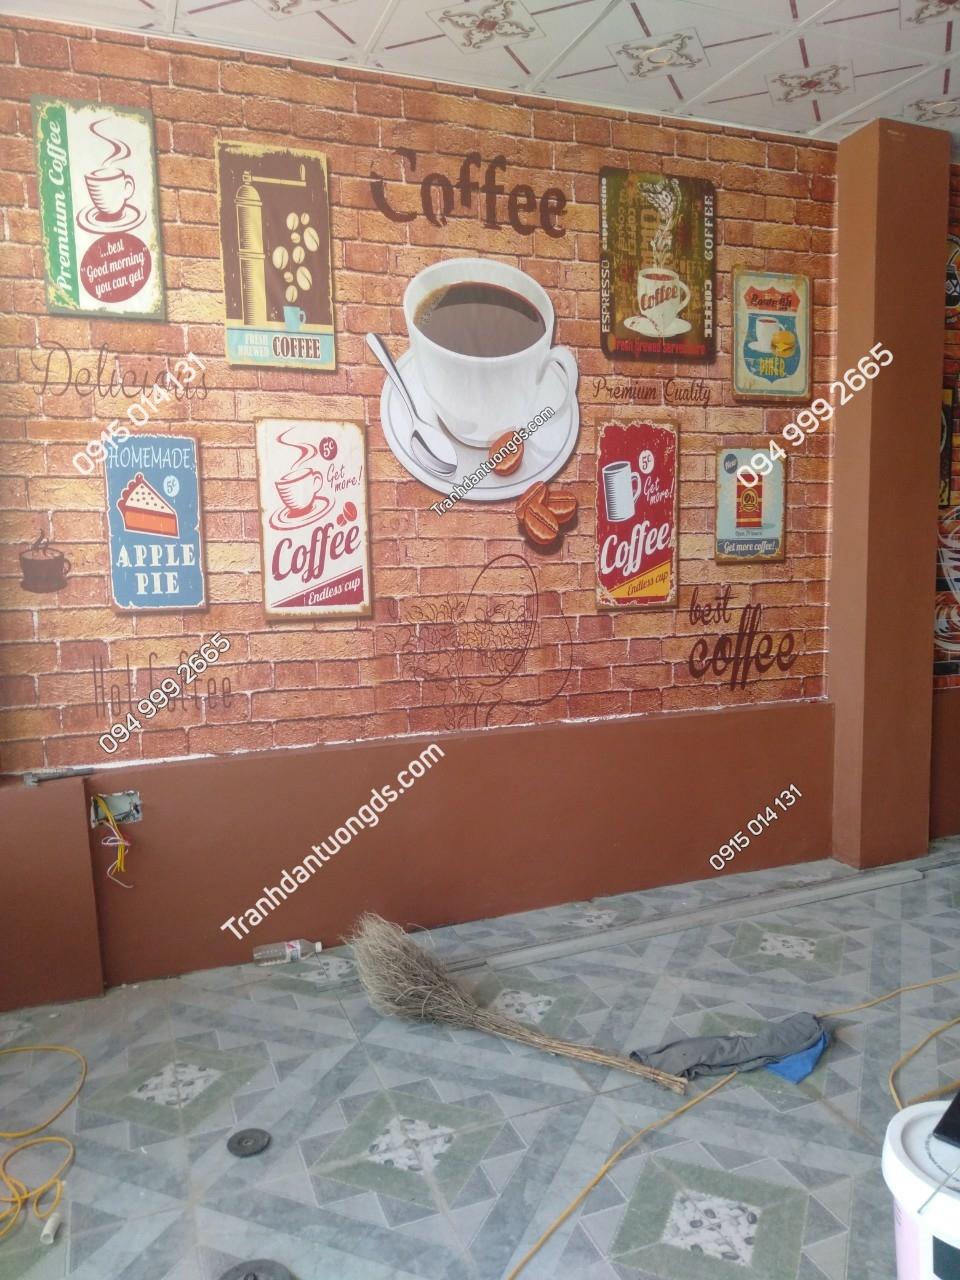 Tranh dán tường cafe thanh thủy